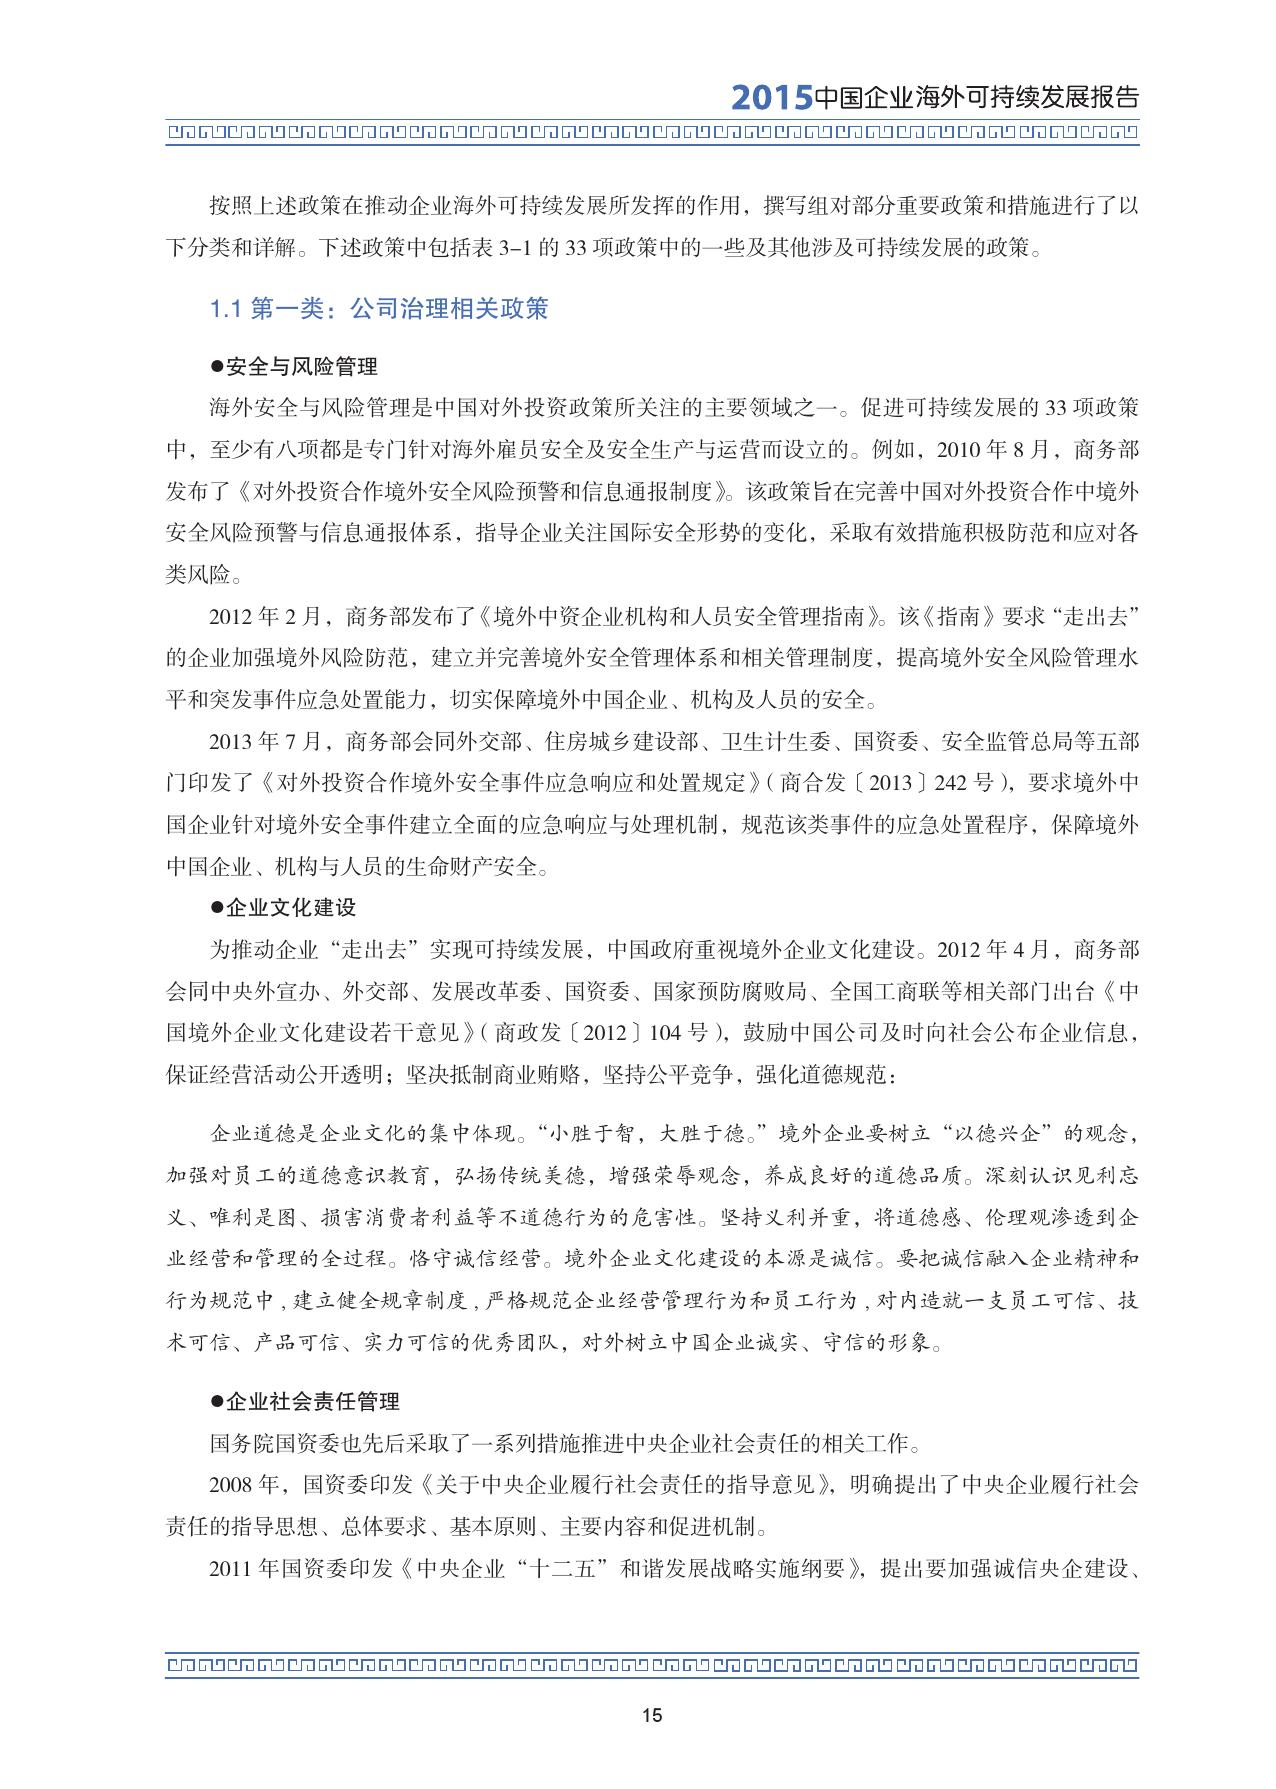 2015中国企业海外可持续发展报告_000029